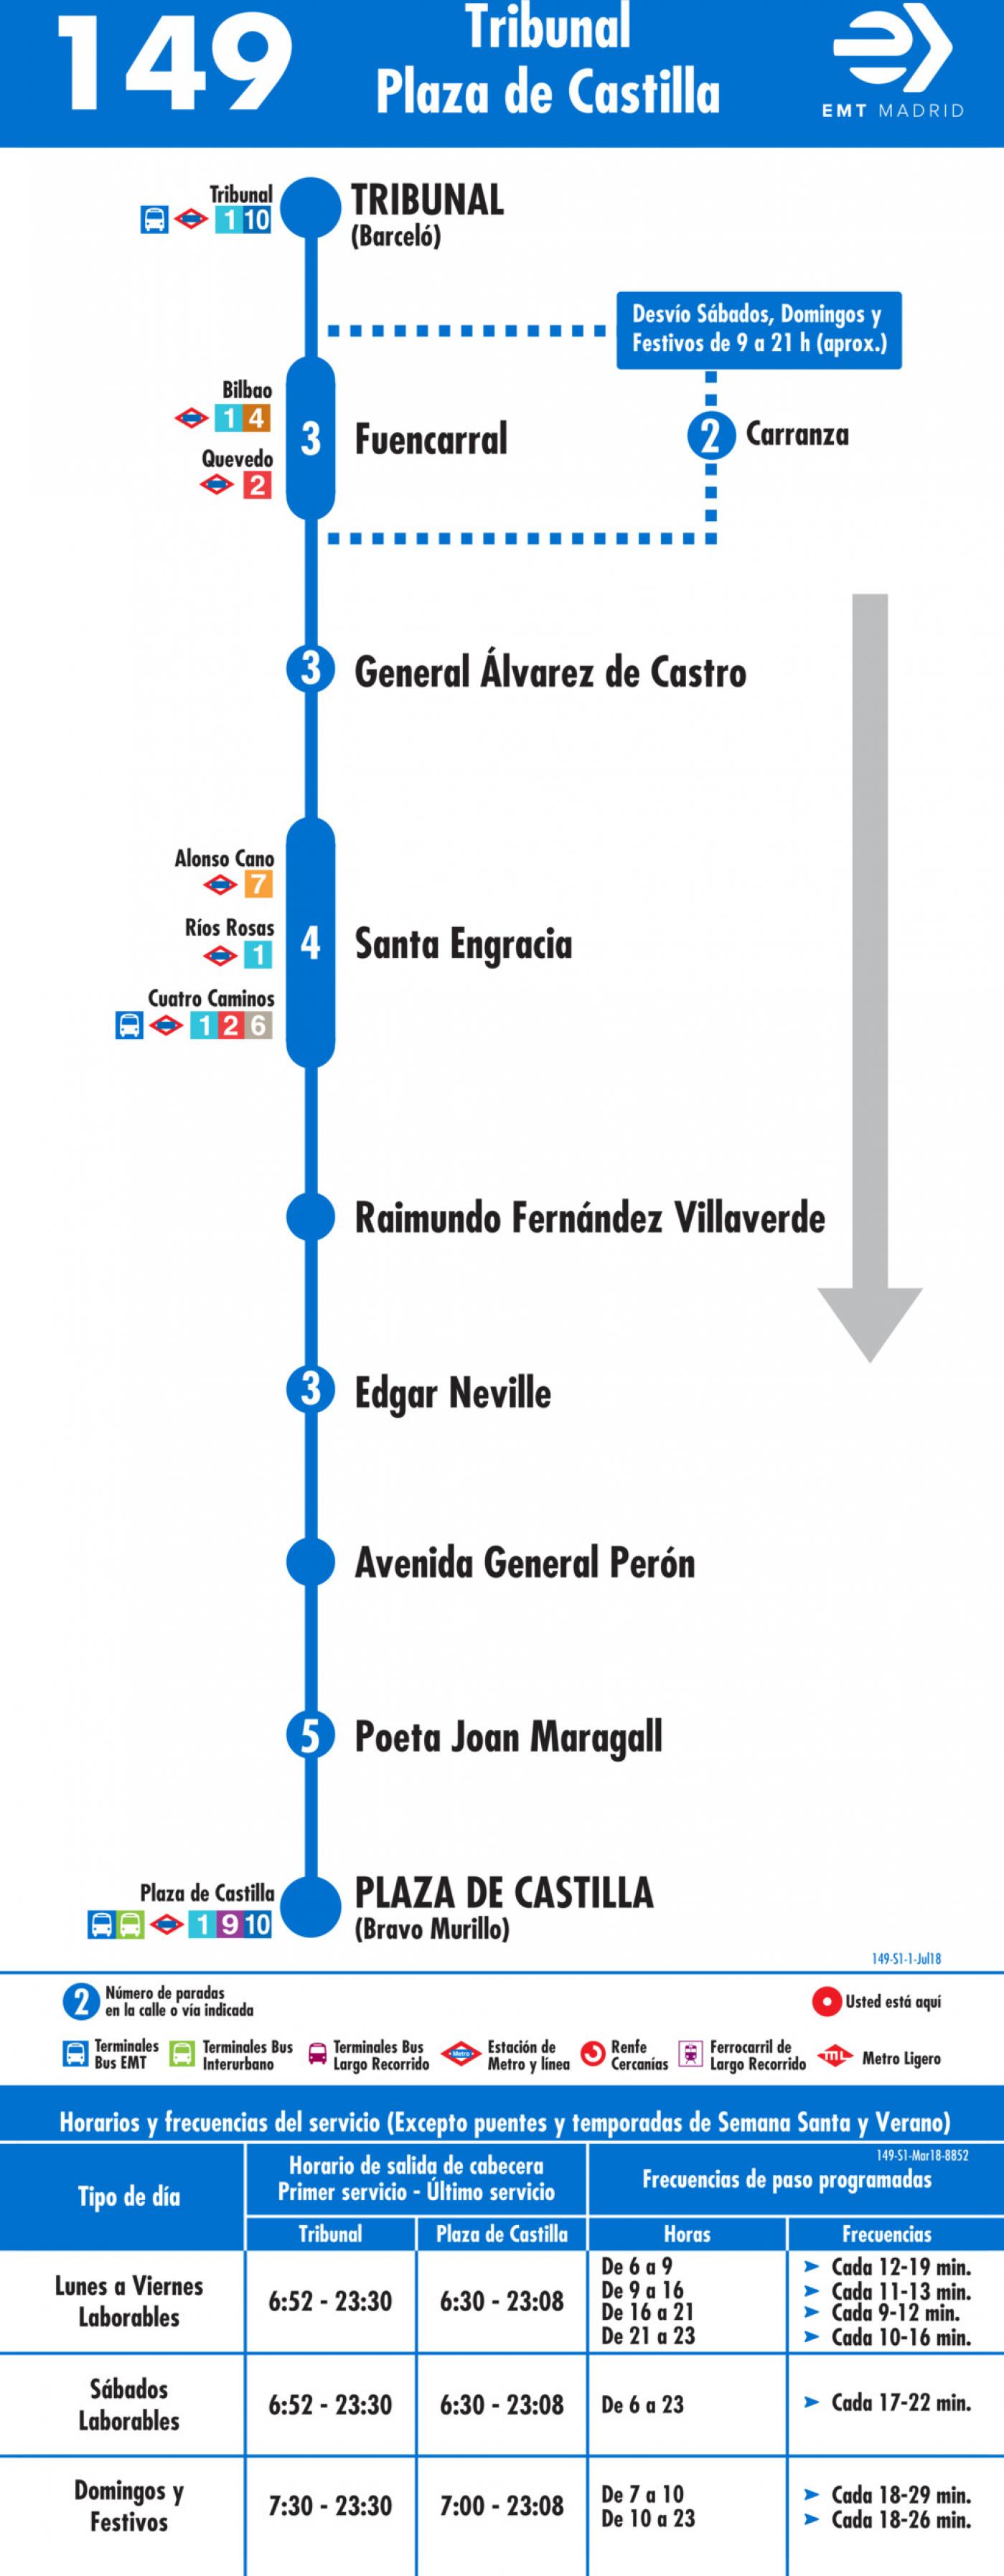 Tabla de horarios y frecuencias de paso en sentido ida Línea 149: Tribunal - Plaza de Castilla